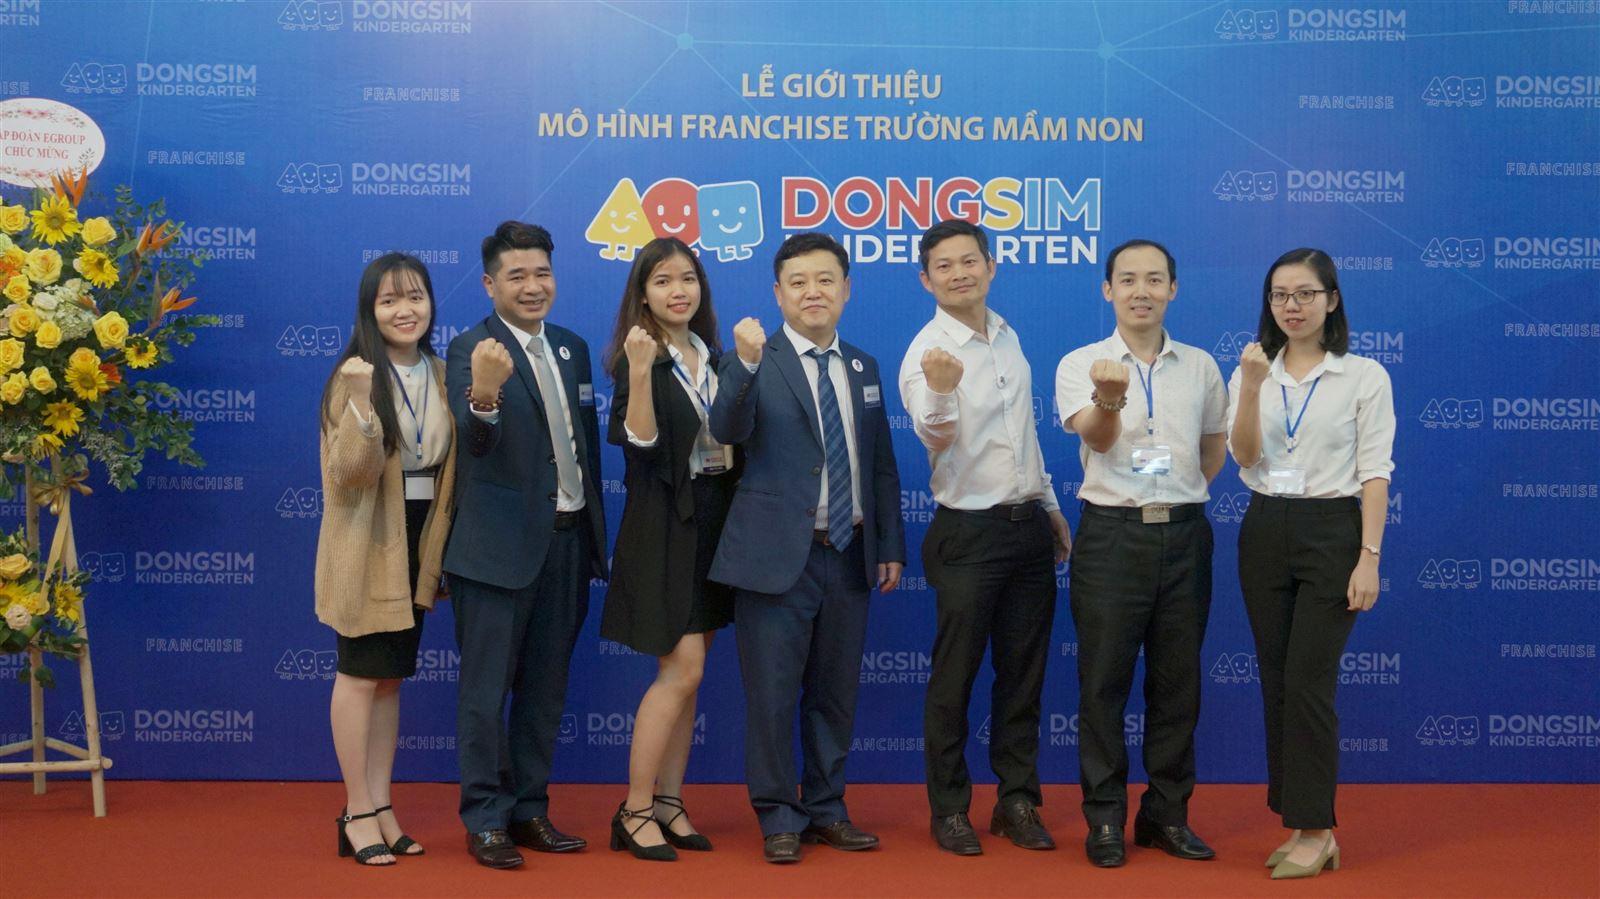 """Lễ giới thiệu mô hình franchise giáo dục """" Dongsim Kindergarten là giáo dục"""""""